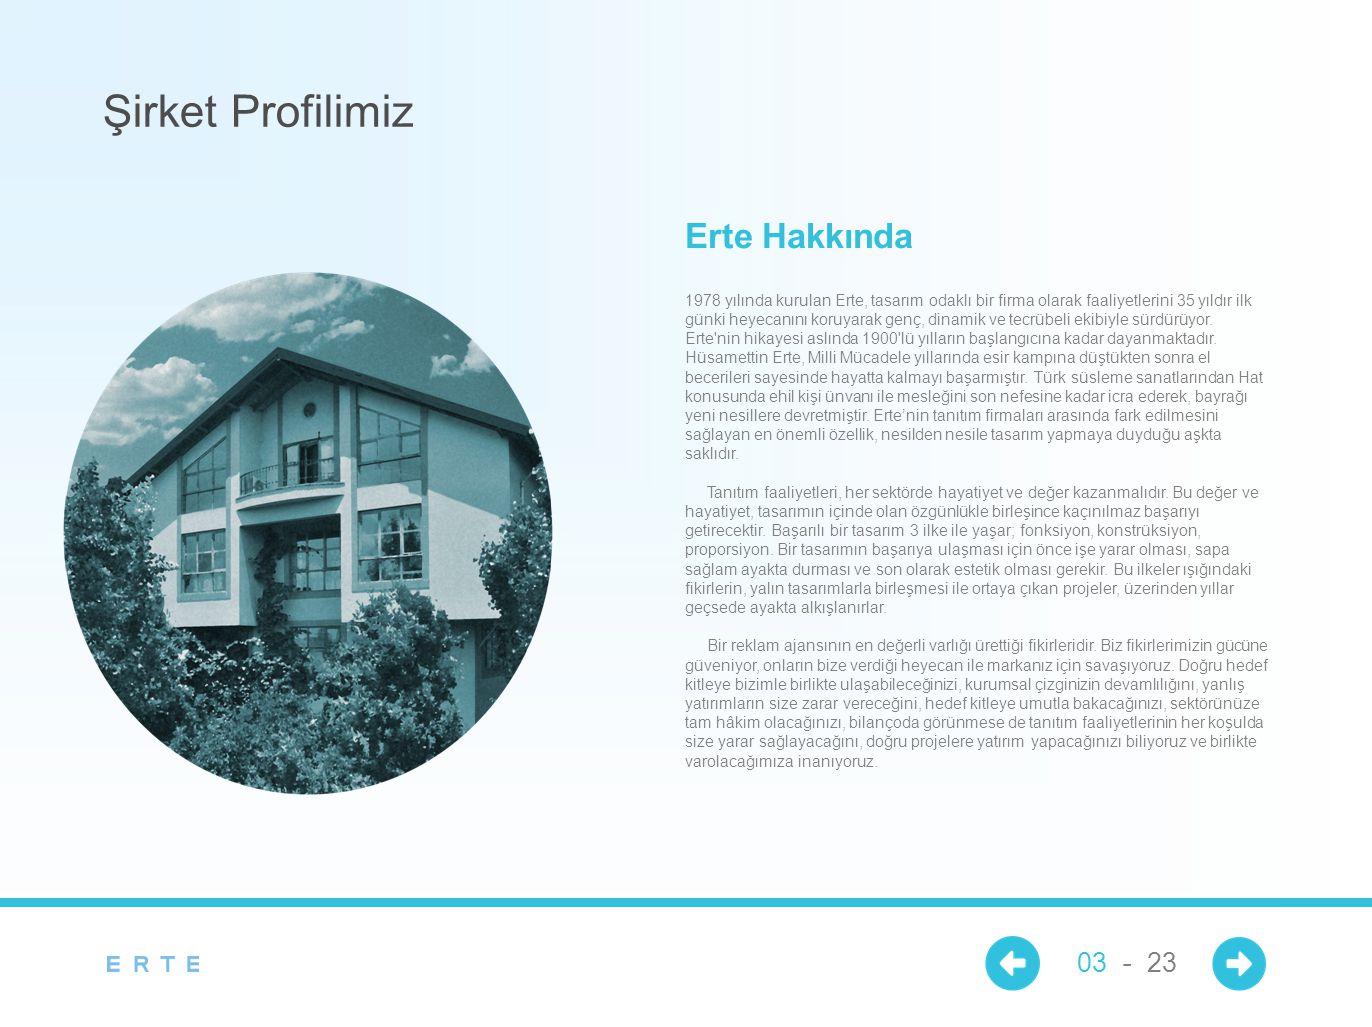 1978 yılında kurulan Erte, tasarım odaklı bir firma olarak faaliyetlerini 35 yıldır ilk günki heyecanını koruyarak genç, dinamik ve tecrübeli ekibiyle